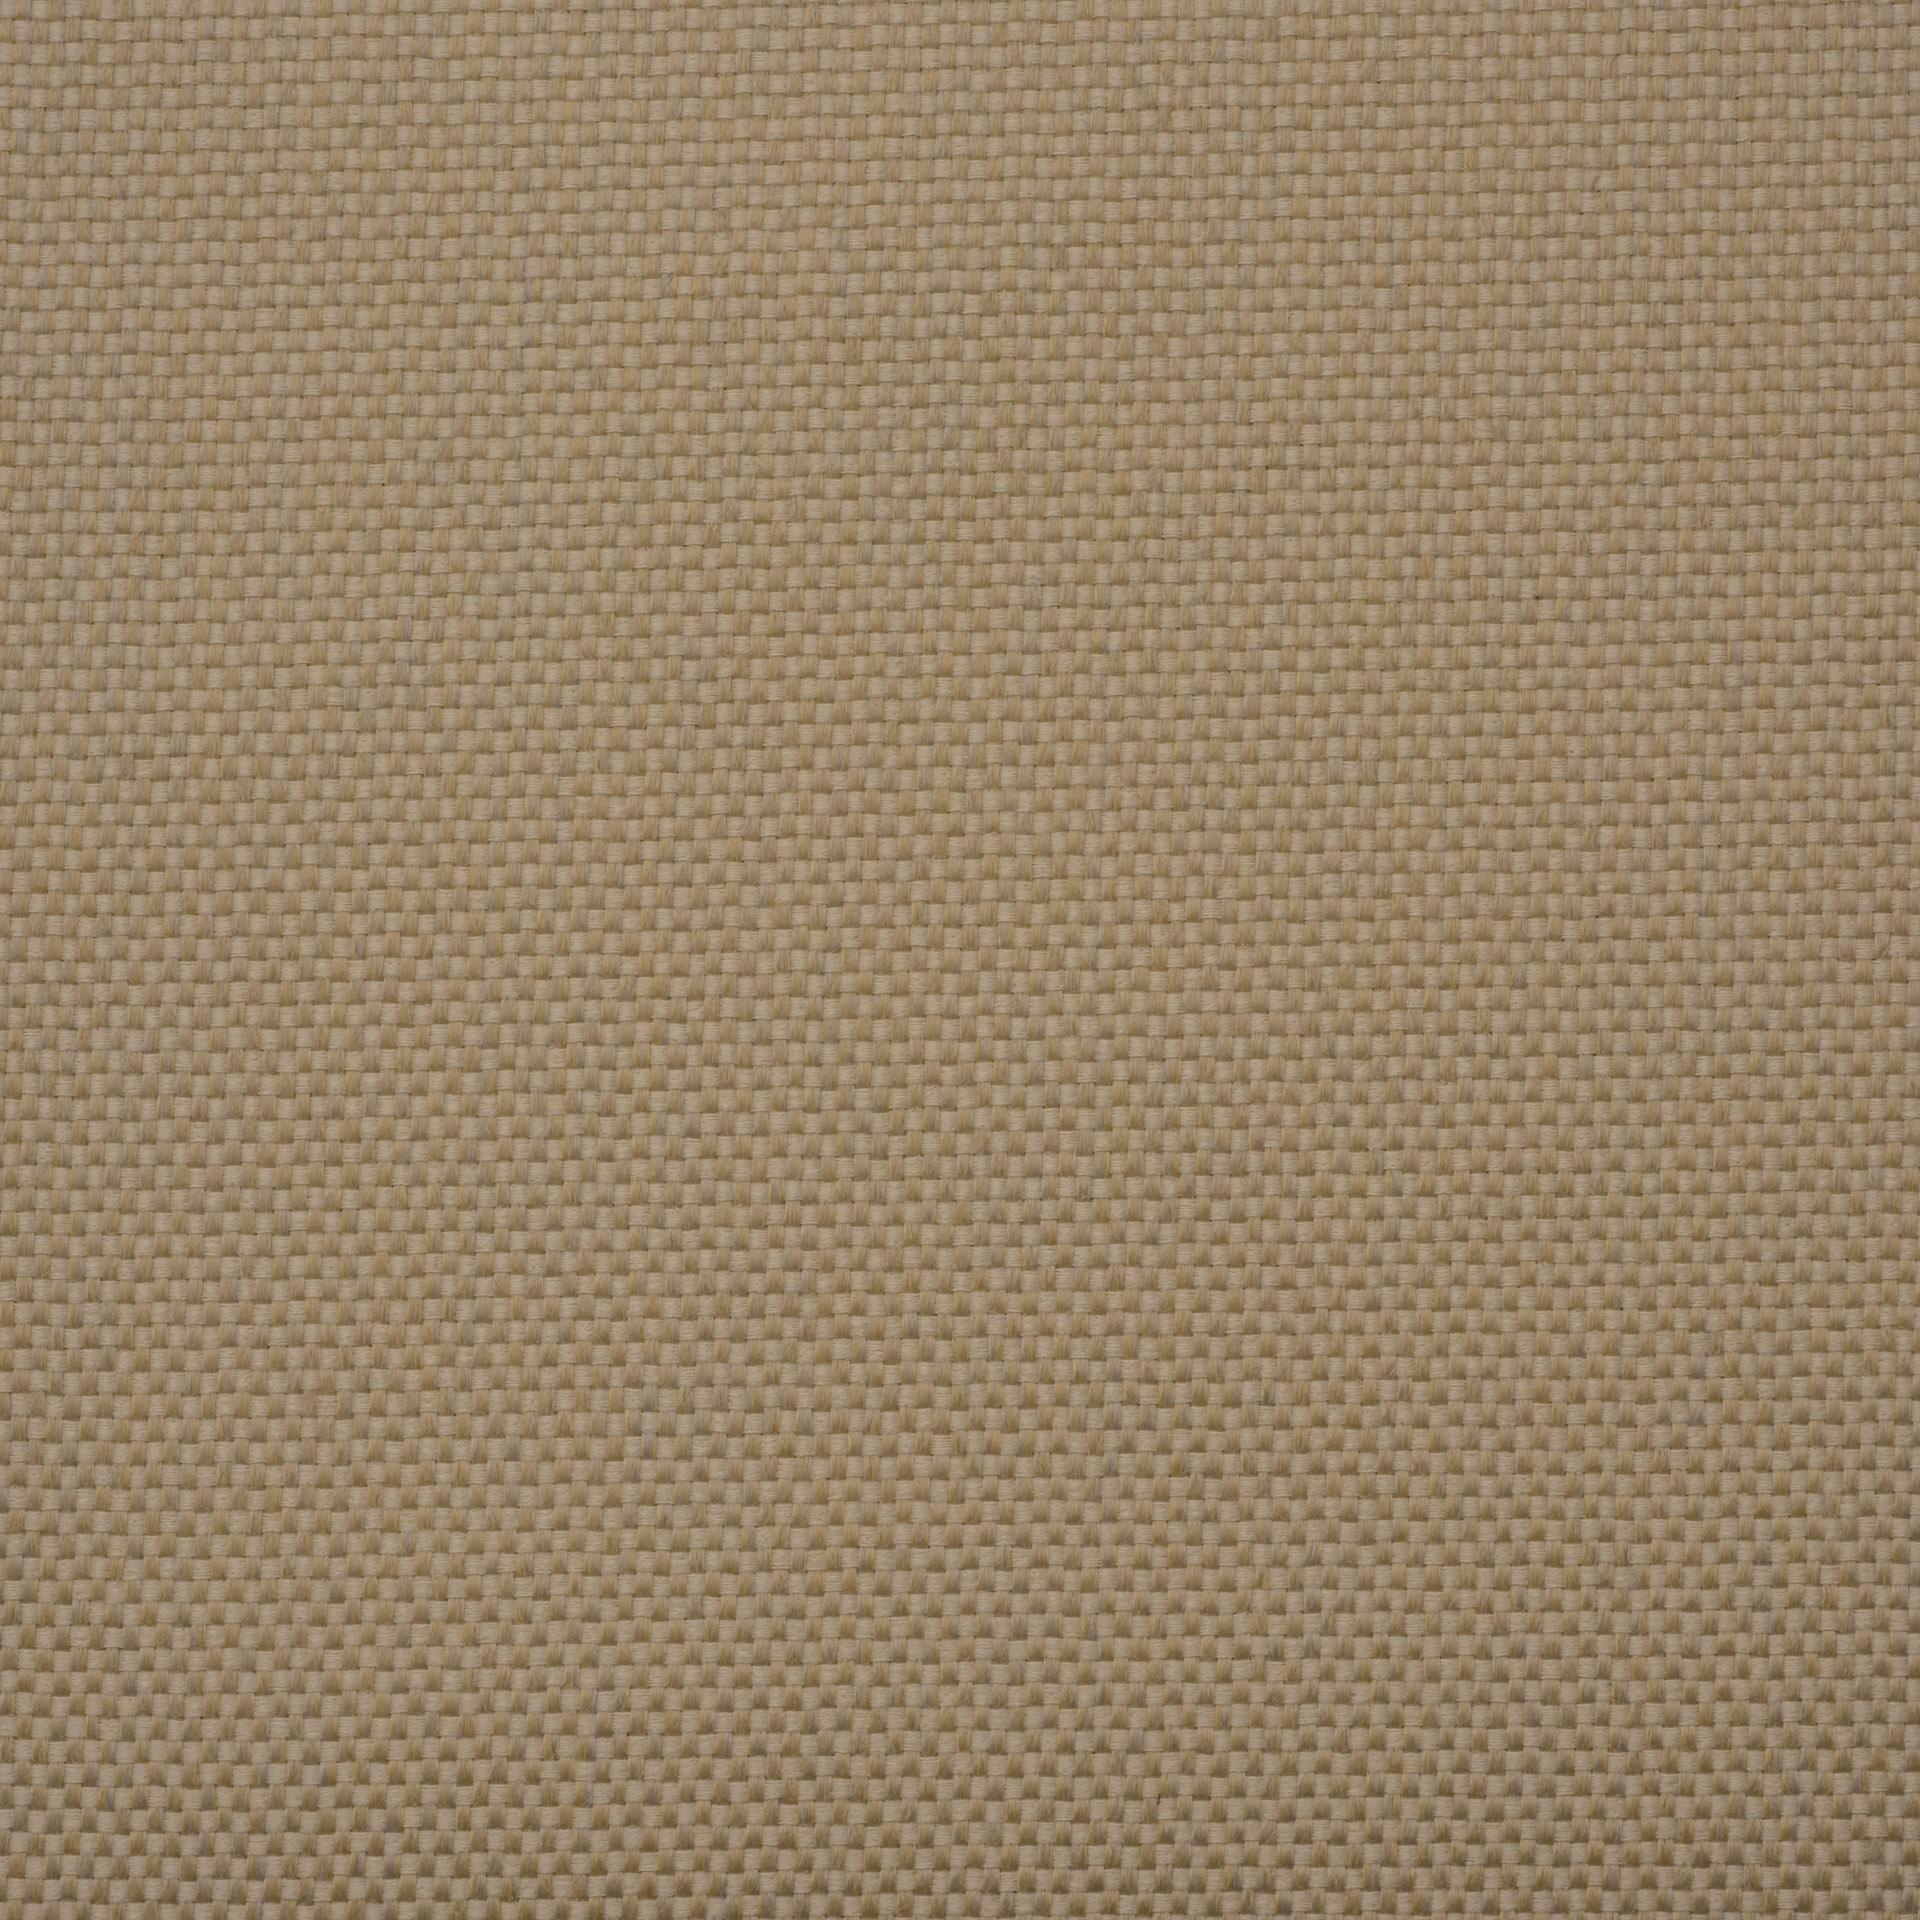 Коллекция ткани Сиеста комбин 05,  купить ткань Рогожка для мебели Украина